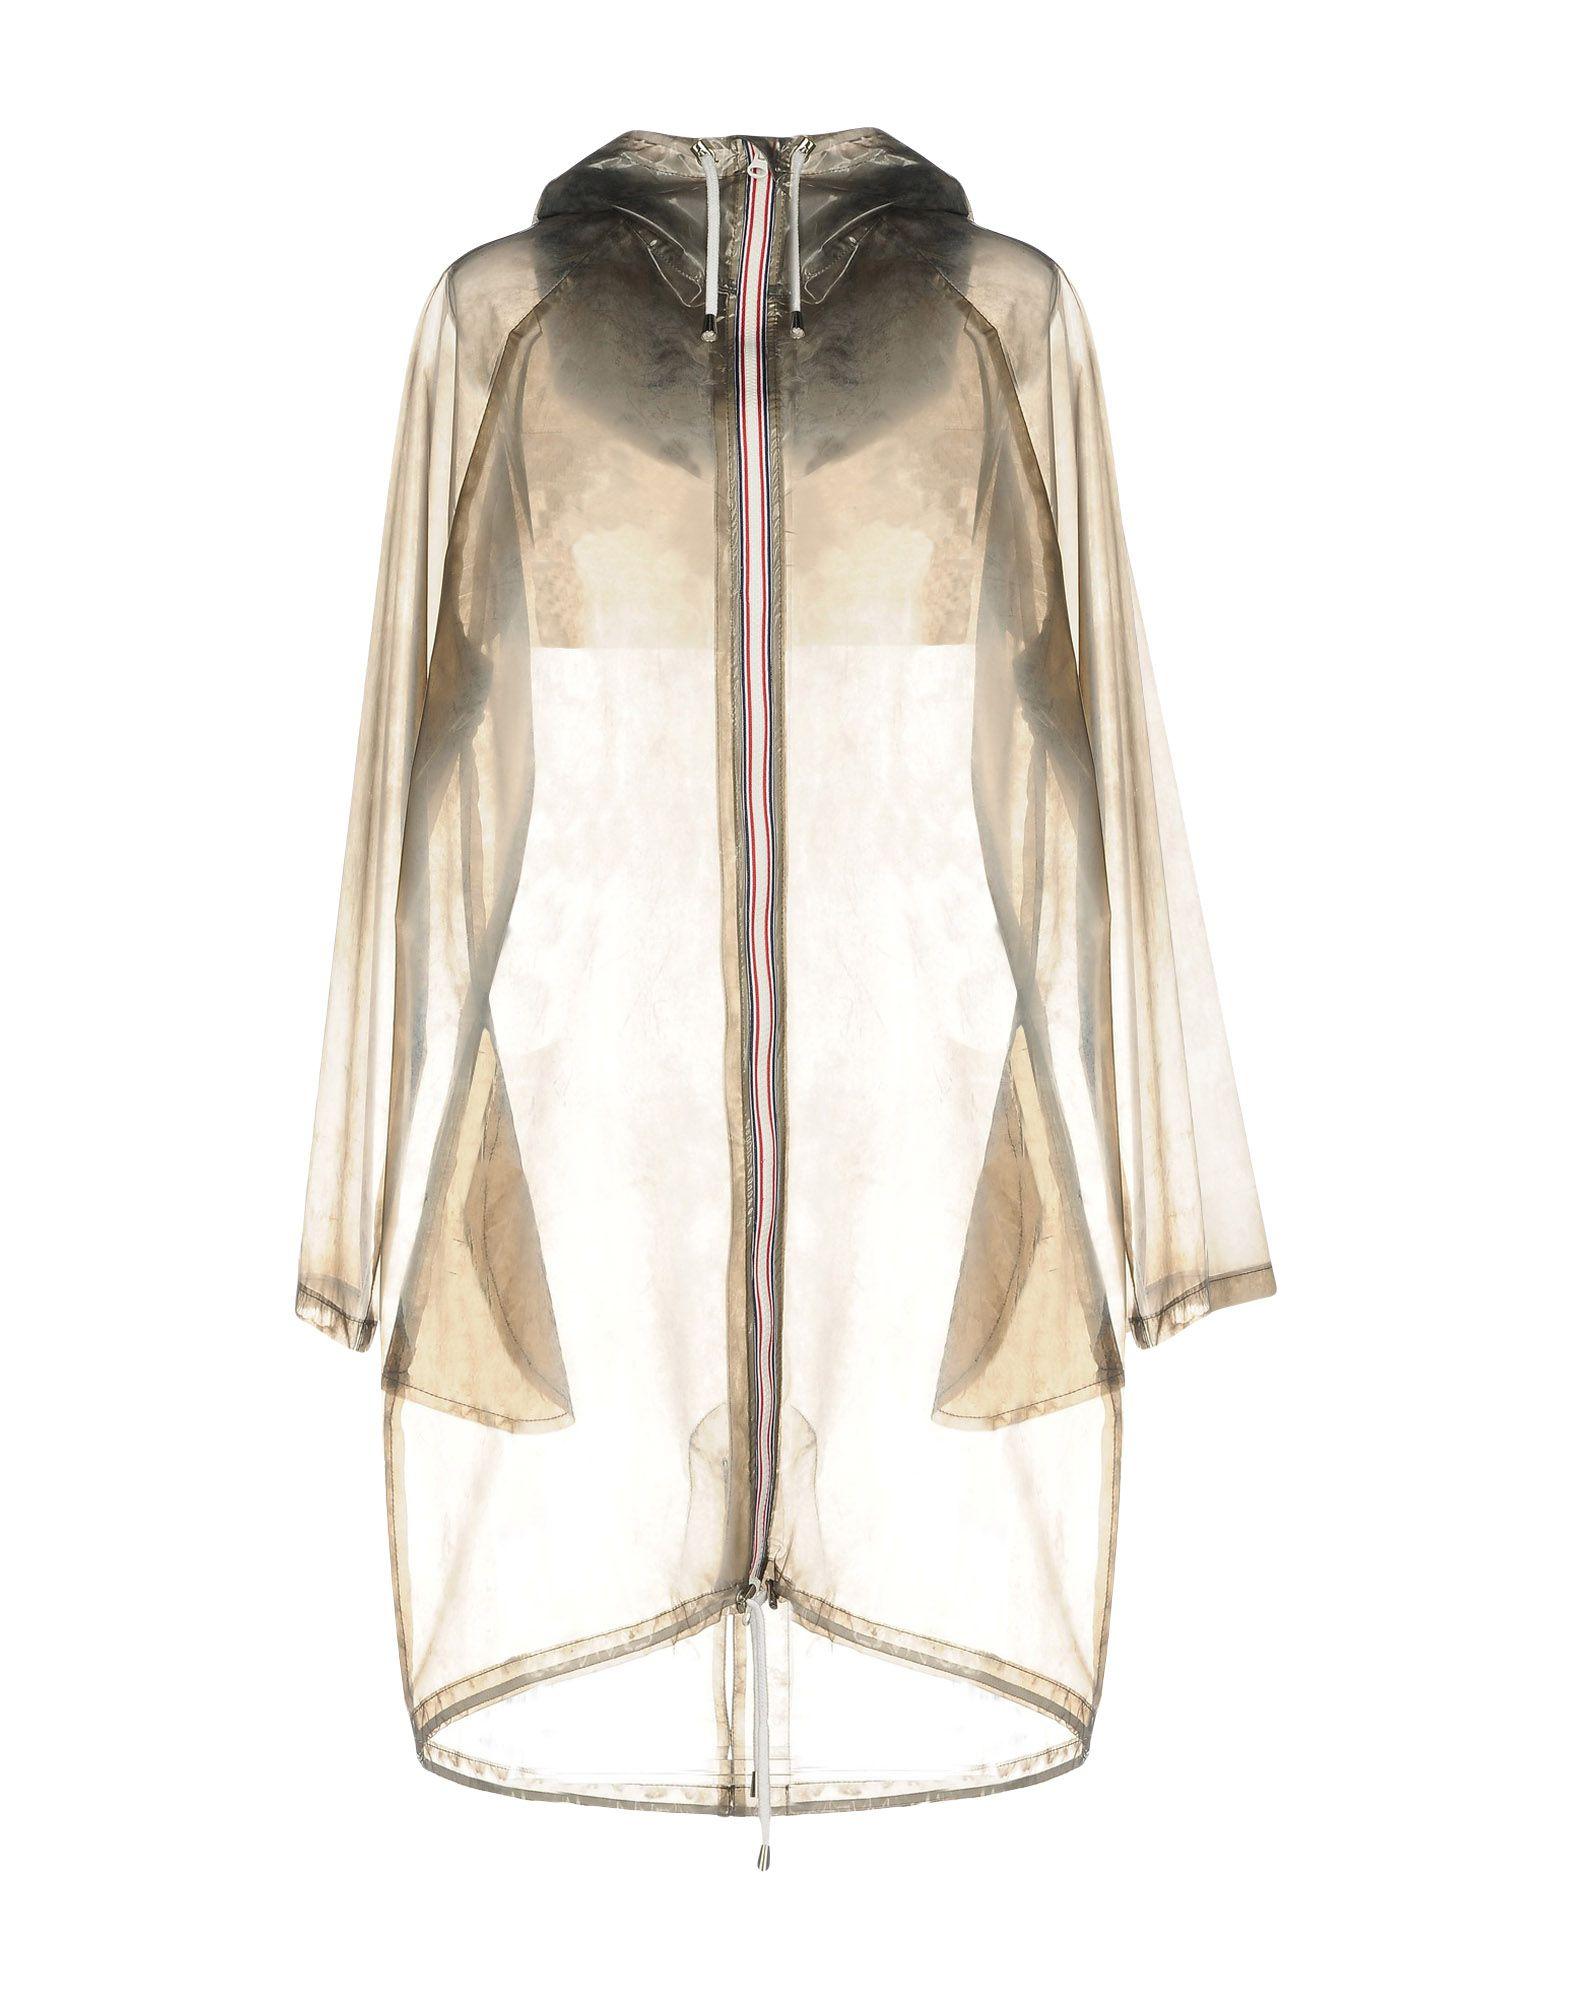 Impermeabile Wanda Nylon Donna - Acquista online su krGZc